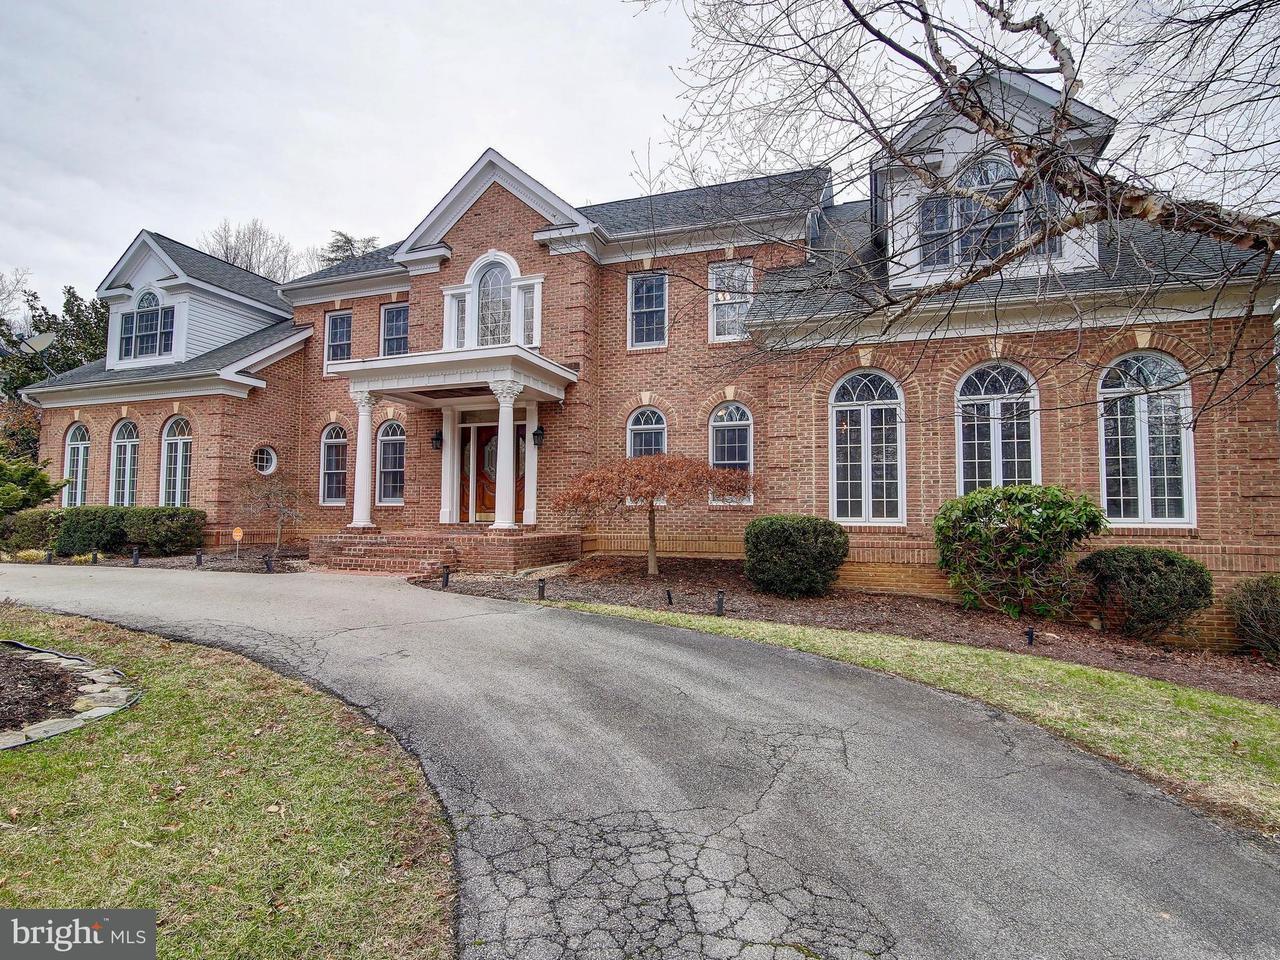 Частный односемейный дом для того Продажа на 11220 September Lane 11220 September Lane Fairfax Station, Виргиния 22039 Соединенные Штаты